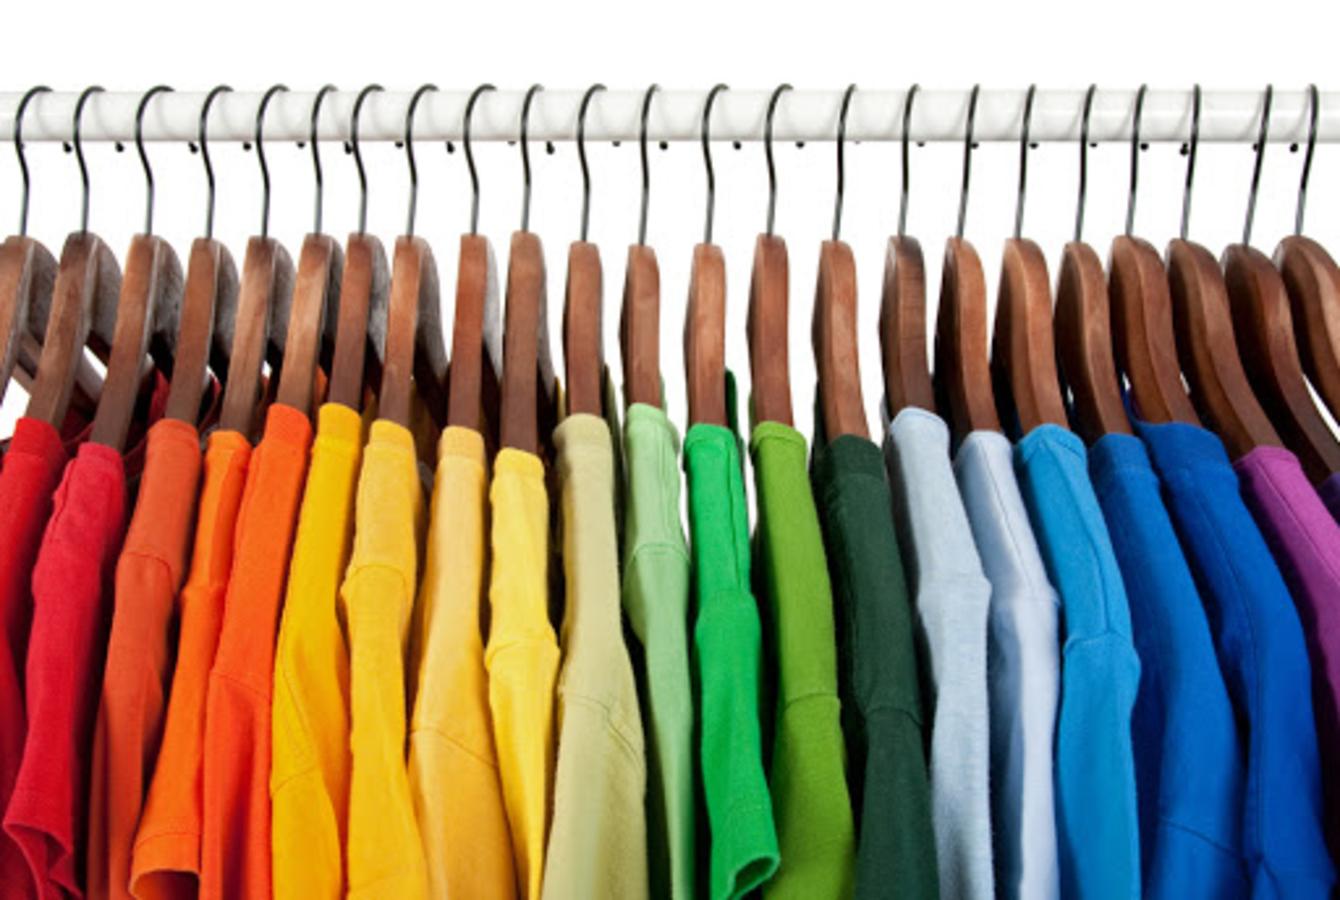 ¿Quieres saber qué dicen los colores de tu outfit?